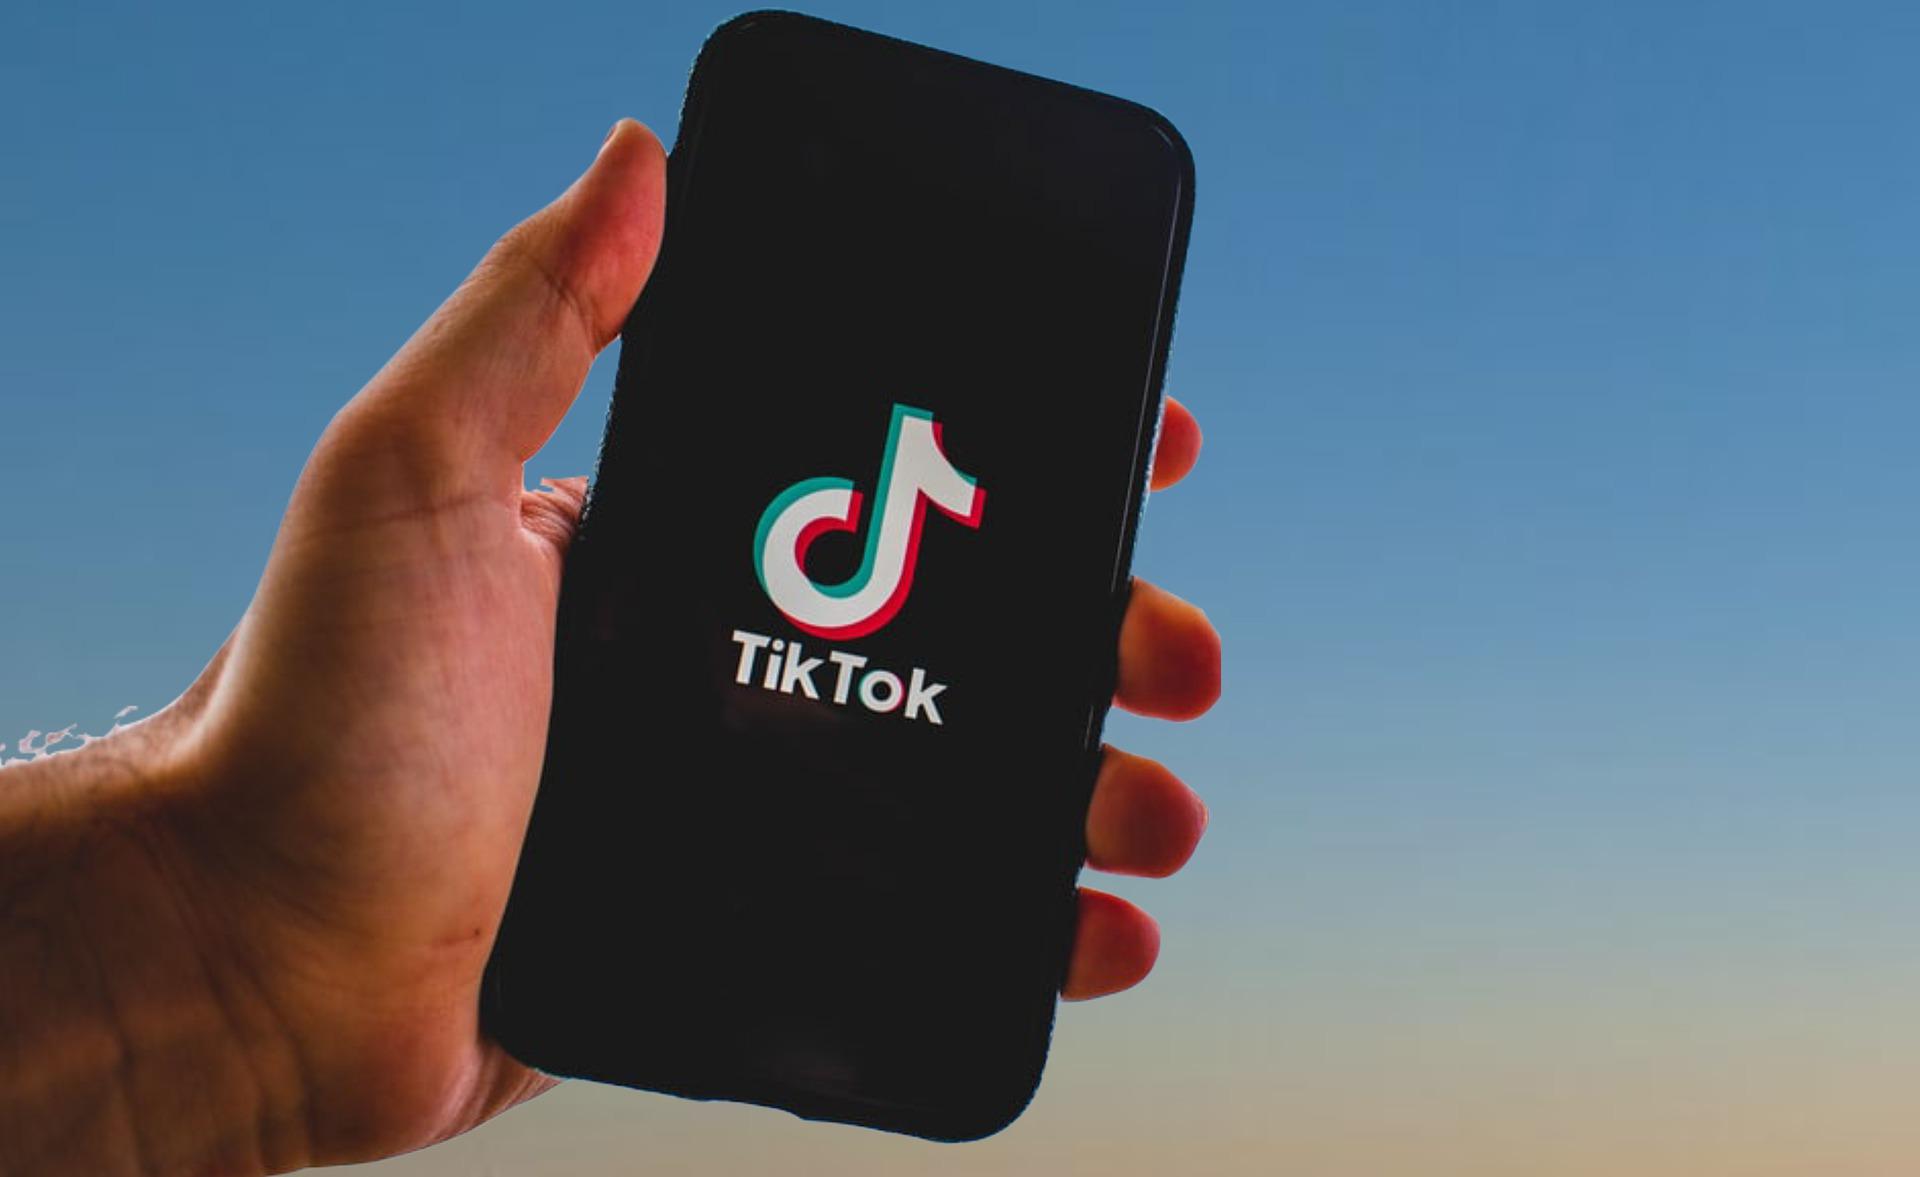 celular en mano con aplicación tiktok